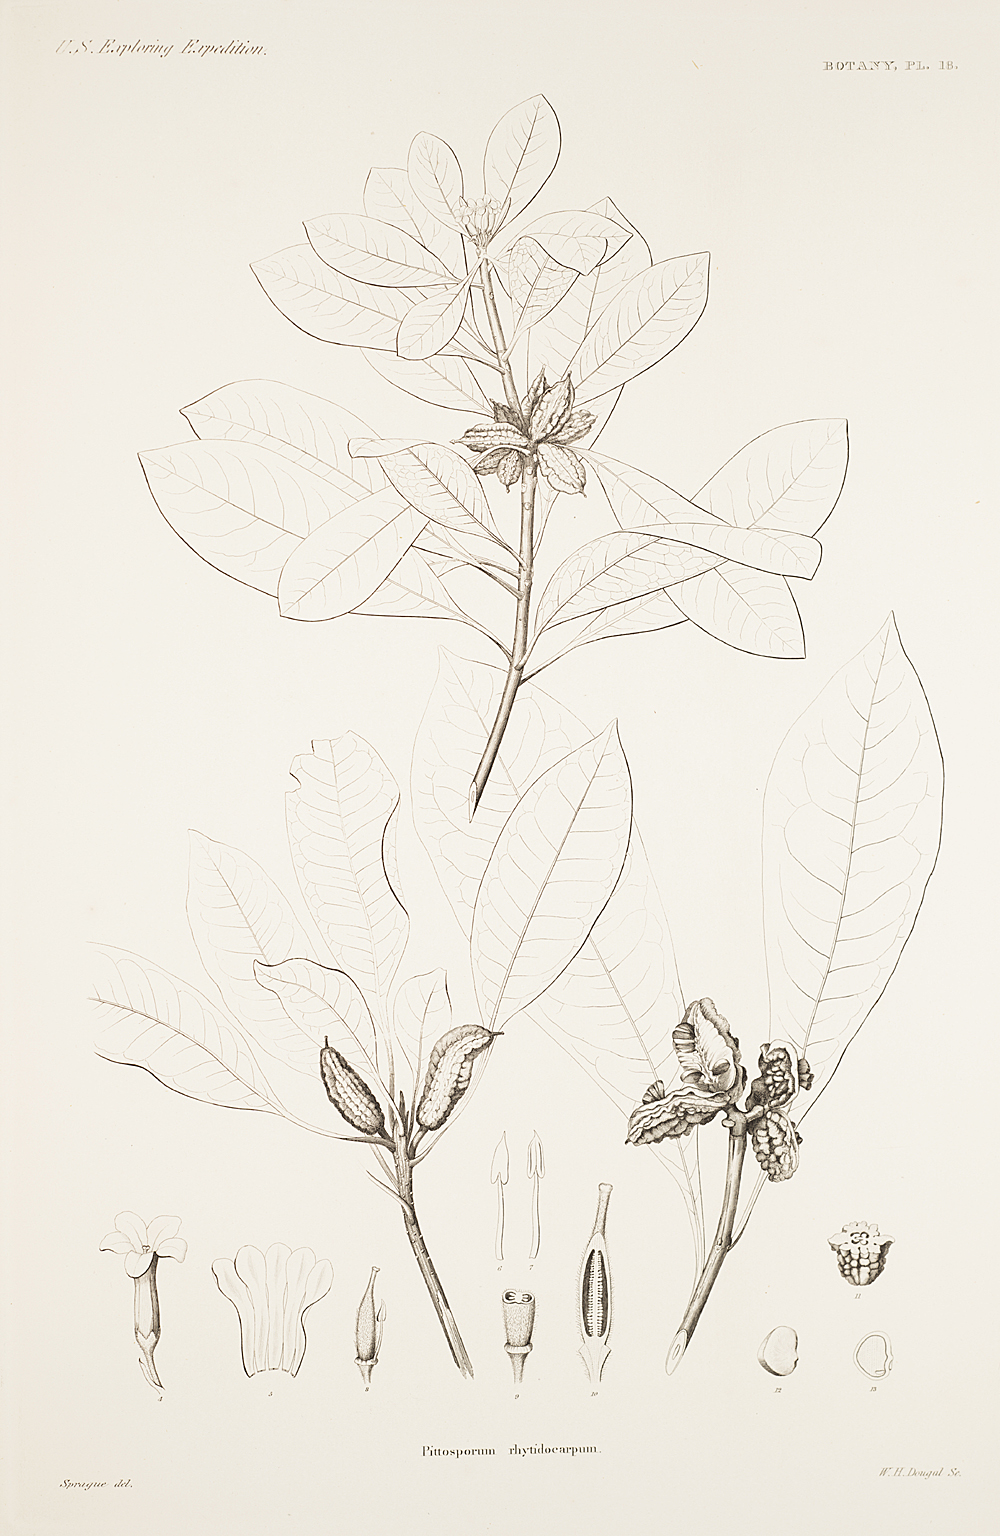 Botany, Pl. 18,  Image number:sil19-23-047b